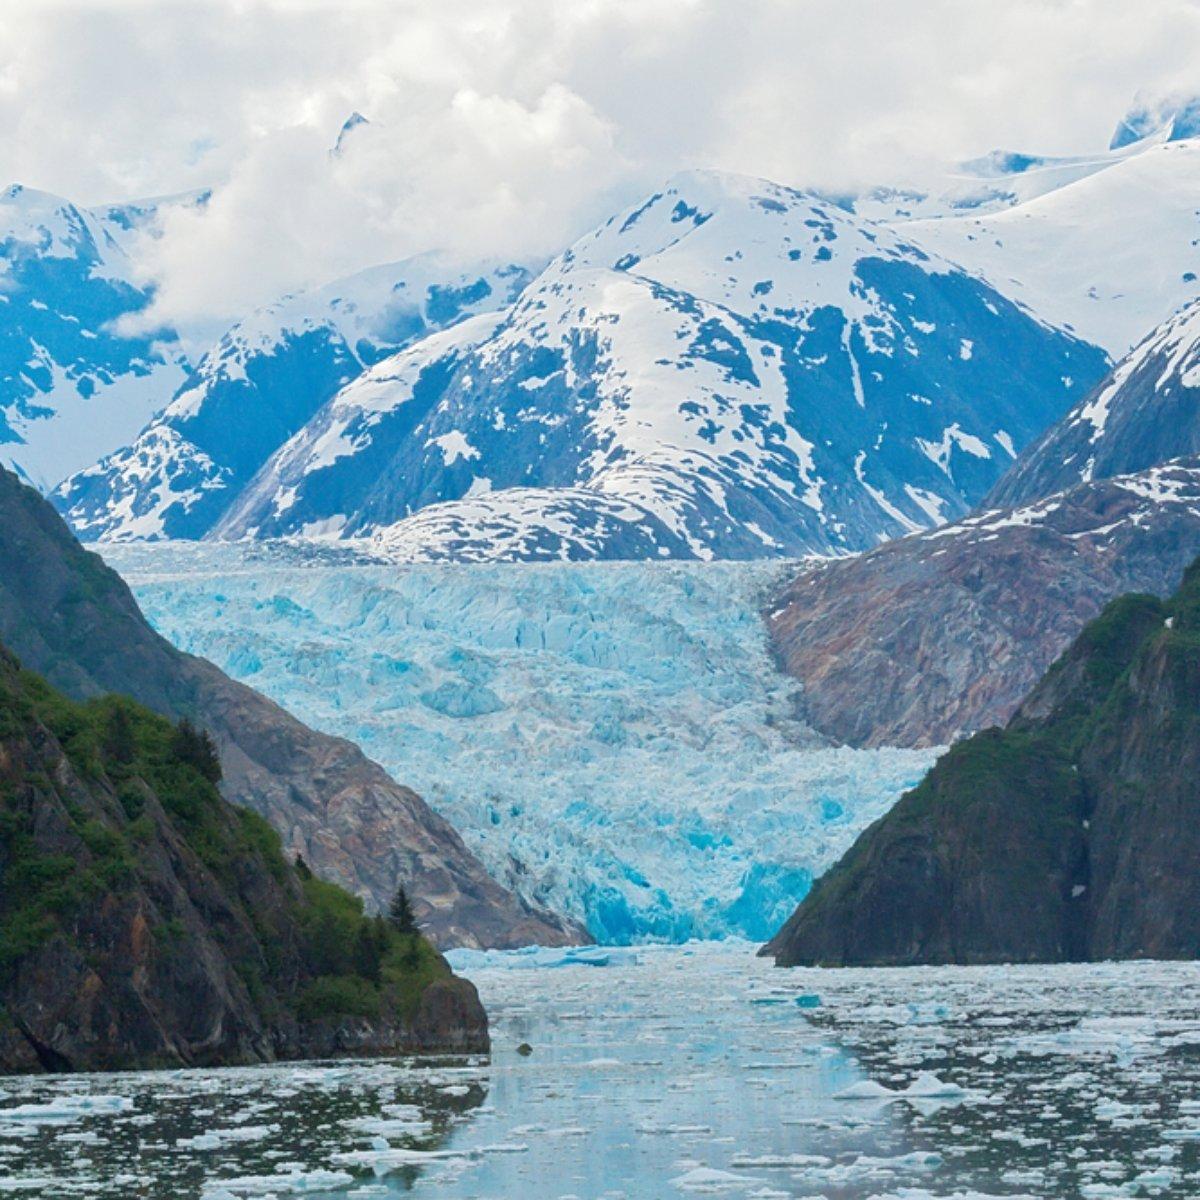 Geleiras e fiordes encantam em cruzeiros pelo Alasca